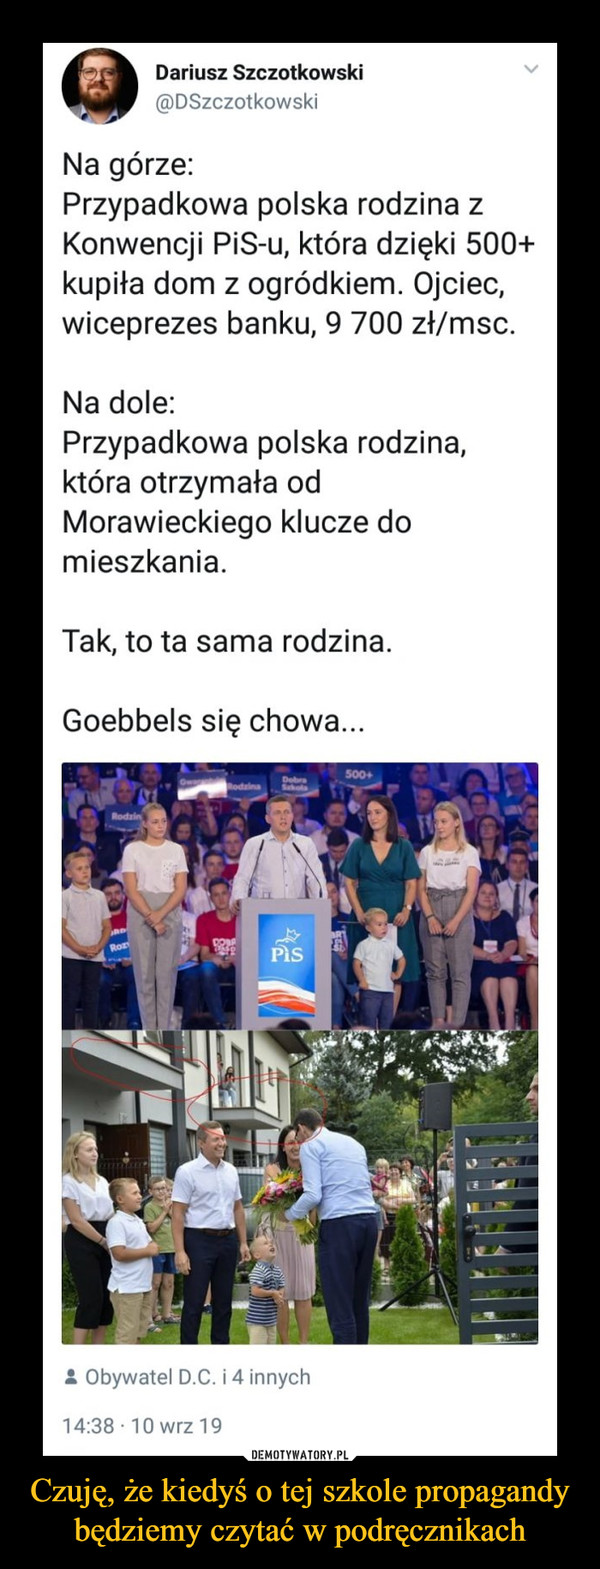 Czuję, że kiedyś o tej szkole propagandy będziemy czytać w podręcznikach –  Dariusz Szczotkowski @DSzczotkowski Na górze: Przypadkowa polska rodzina z Konwencji PiS-u, która dzięki 500+ kupiła dom z ogródkiem. Ojciec, wiceprezes banku, 9 700 zł/msc. Na dole. Przypadkowa polska rodzina, która otrzymała od Morawieckiego klucze do mieszkania. Tak, to ta sama rodzina. Goebbels się chowa...